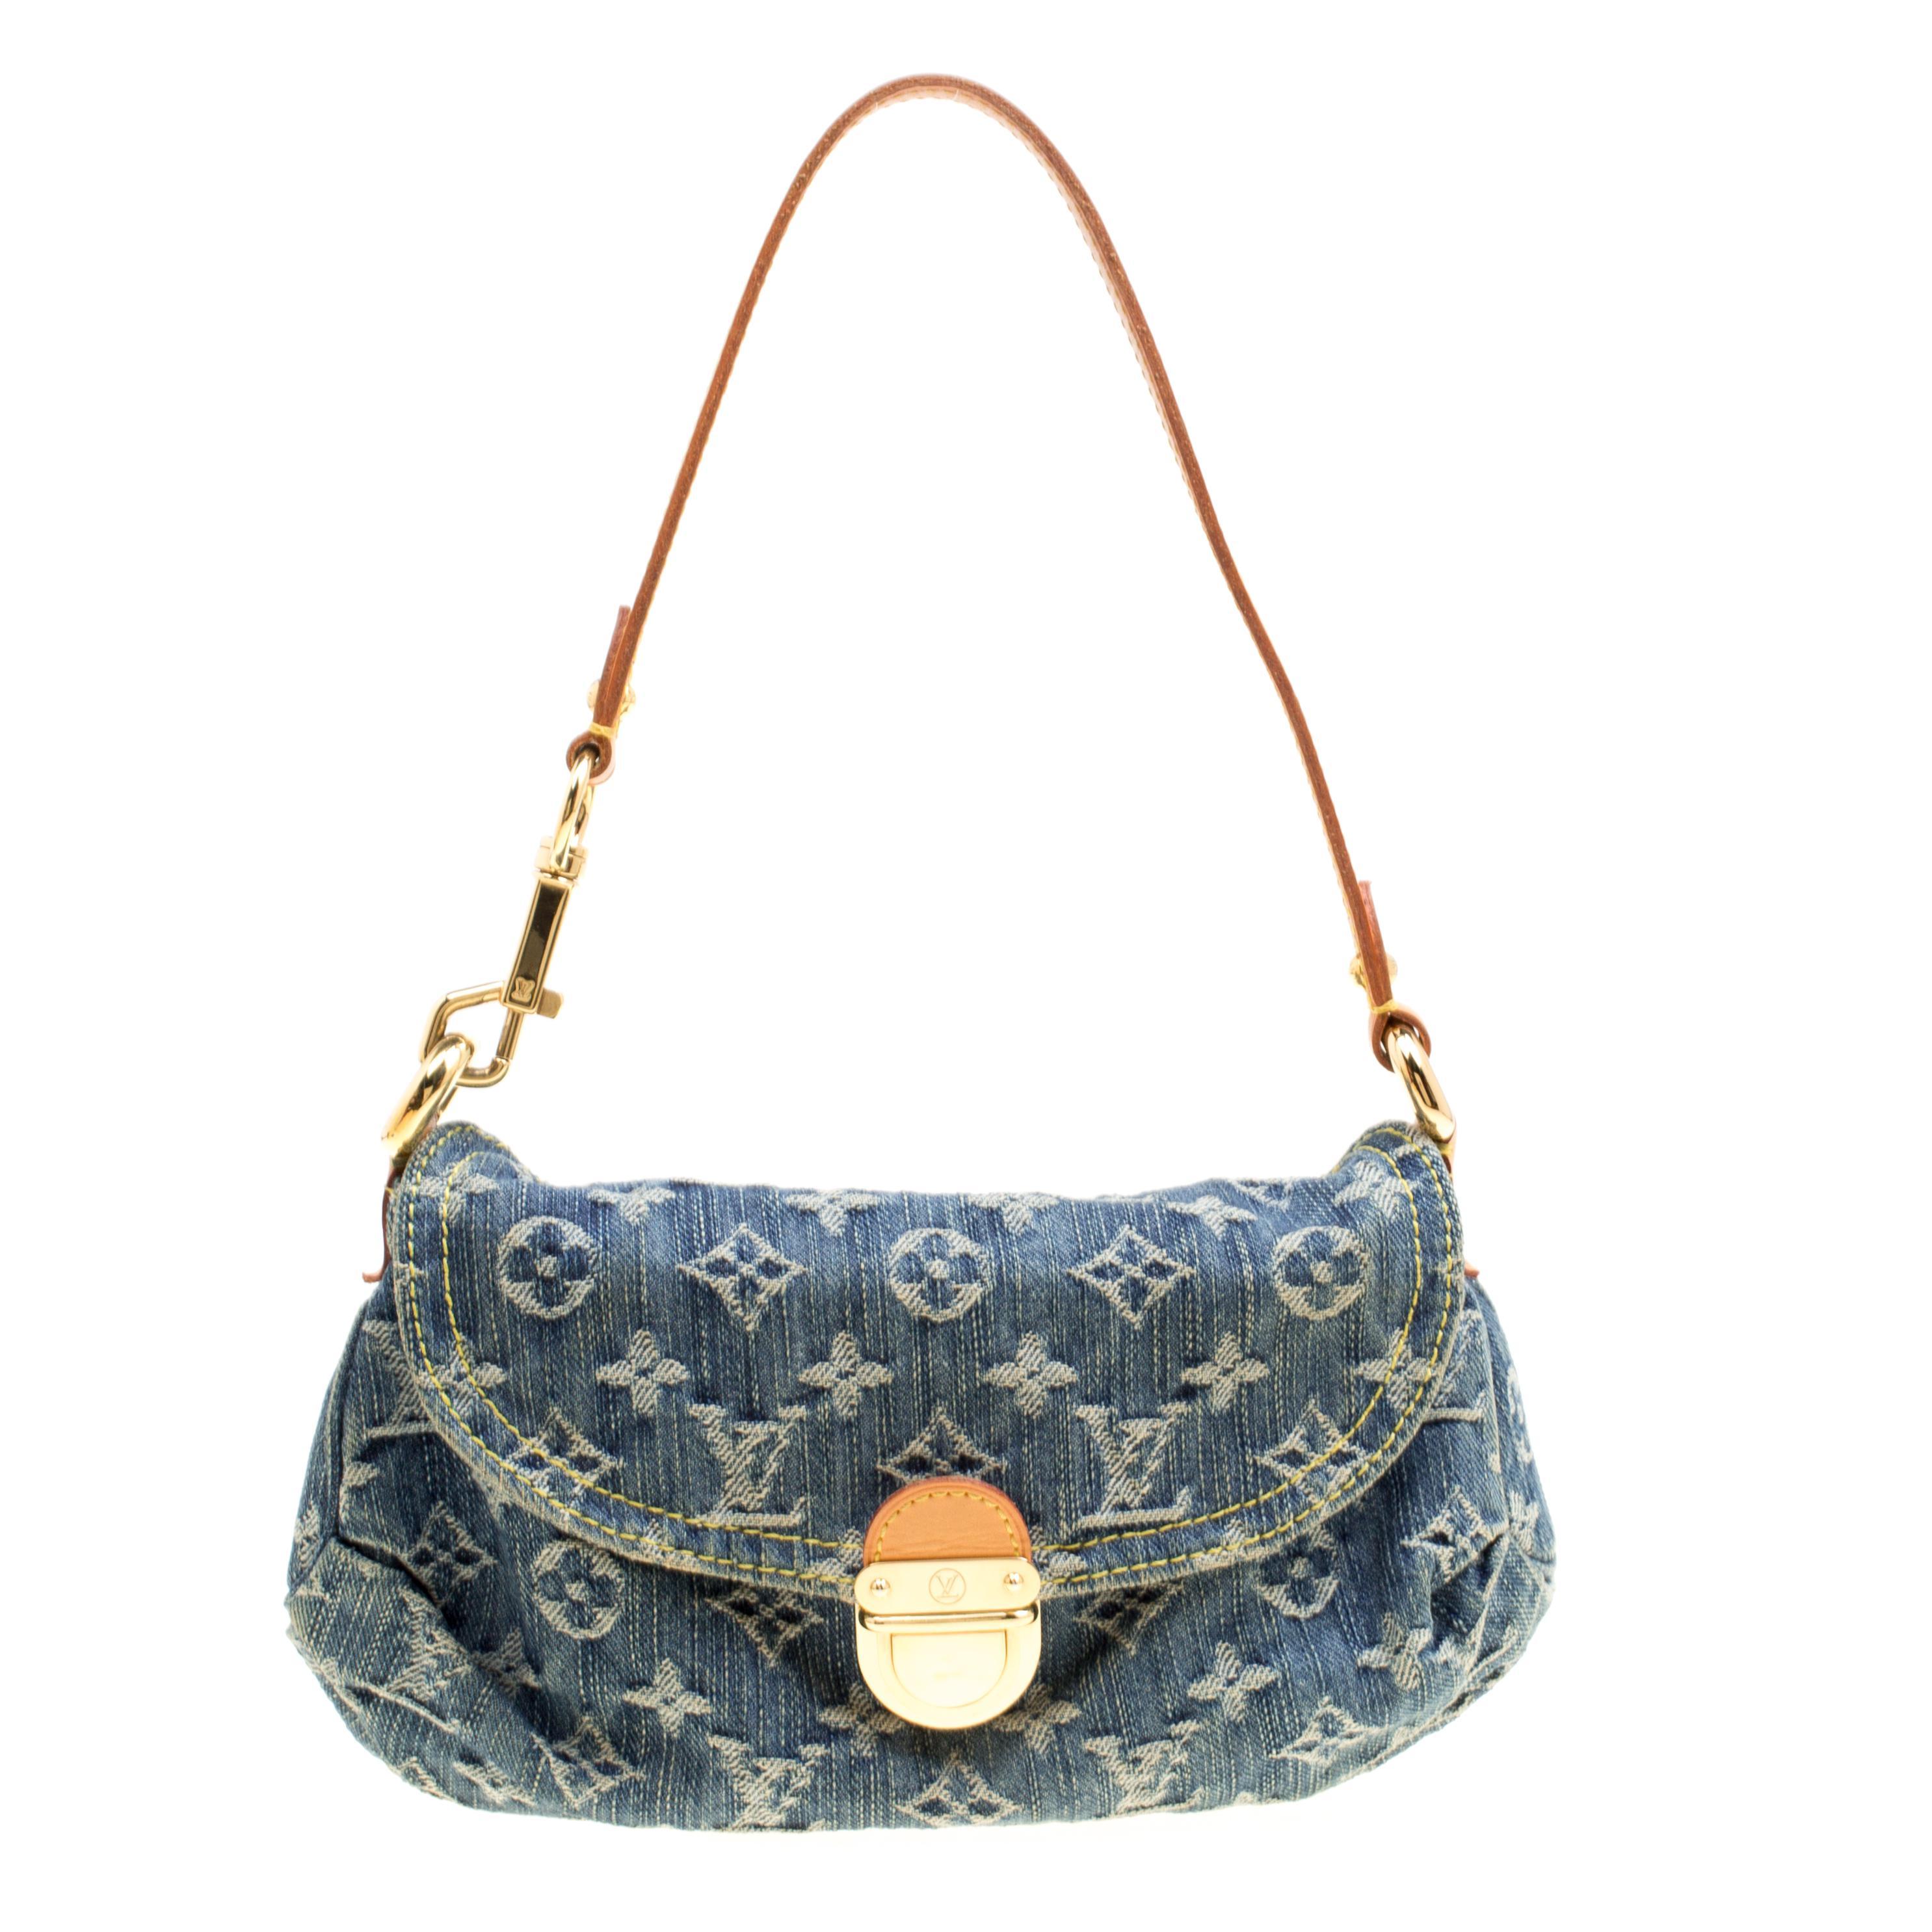 Pre Owned Pochette Accessoire Blue Denim Jeans Clutch Bags